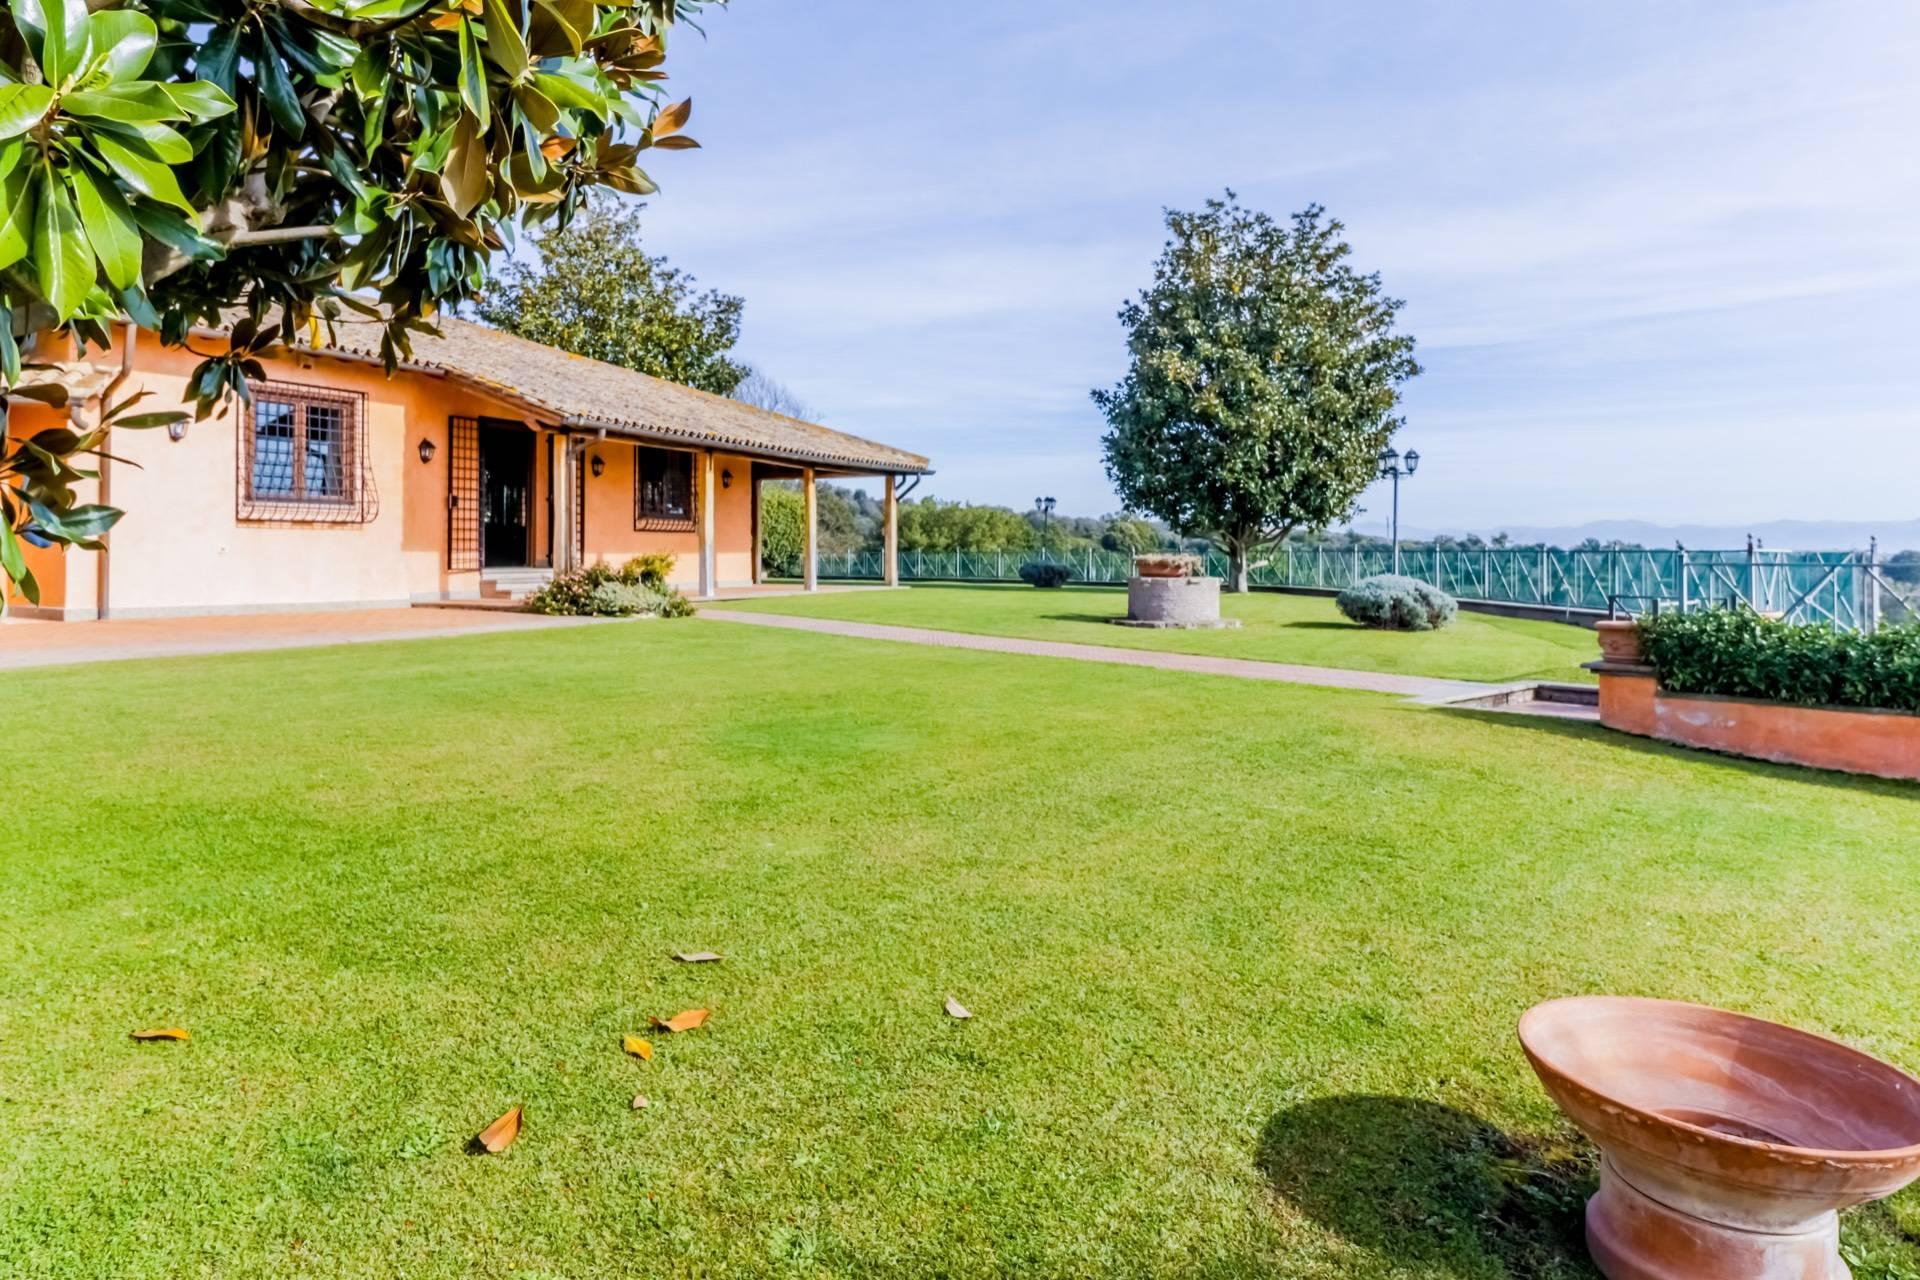 Villa in Vendita a Sacrofano: 5 locali, 180 mq - Foto 3